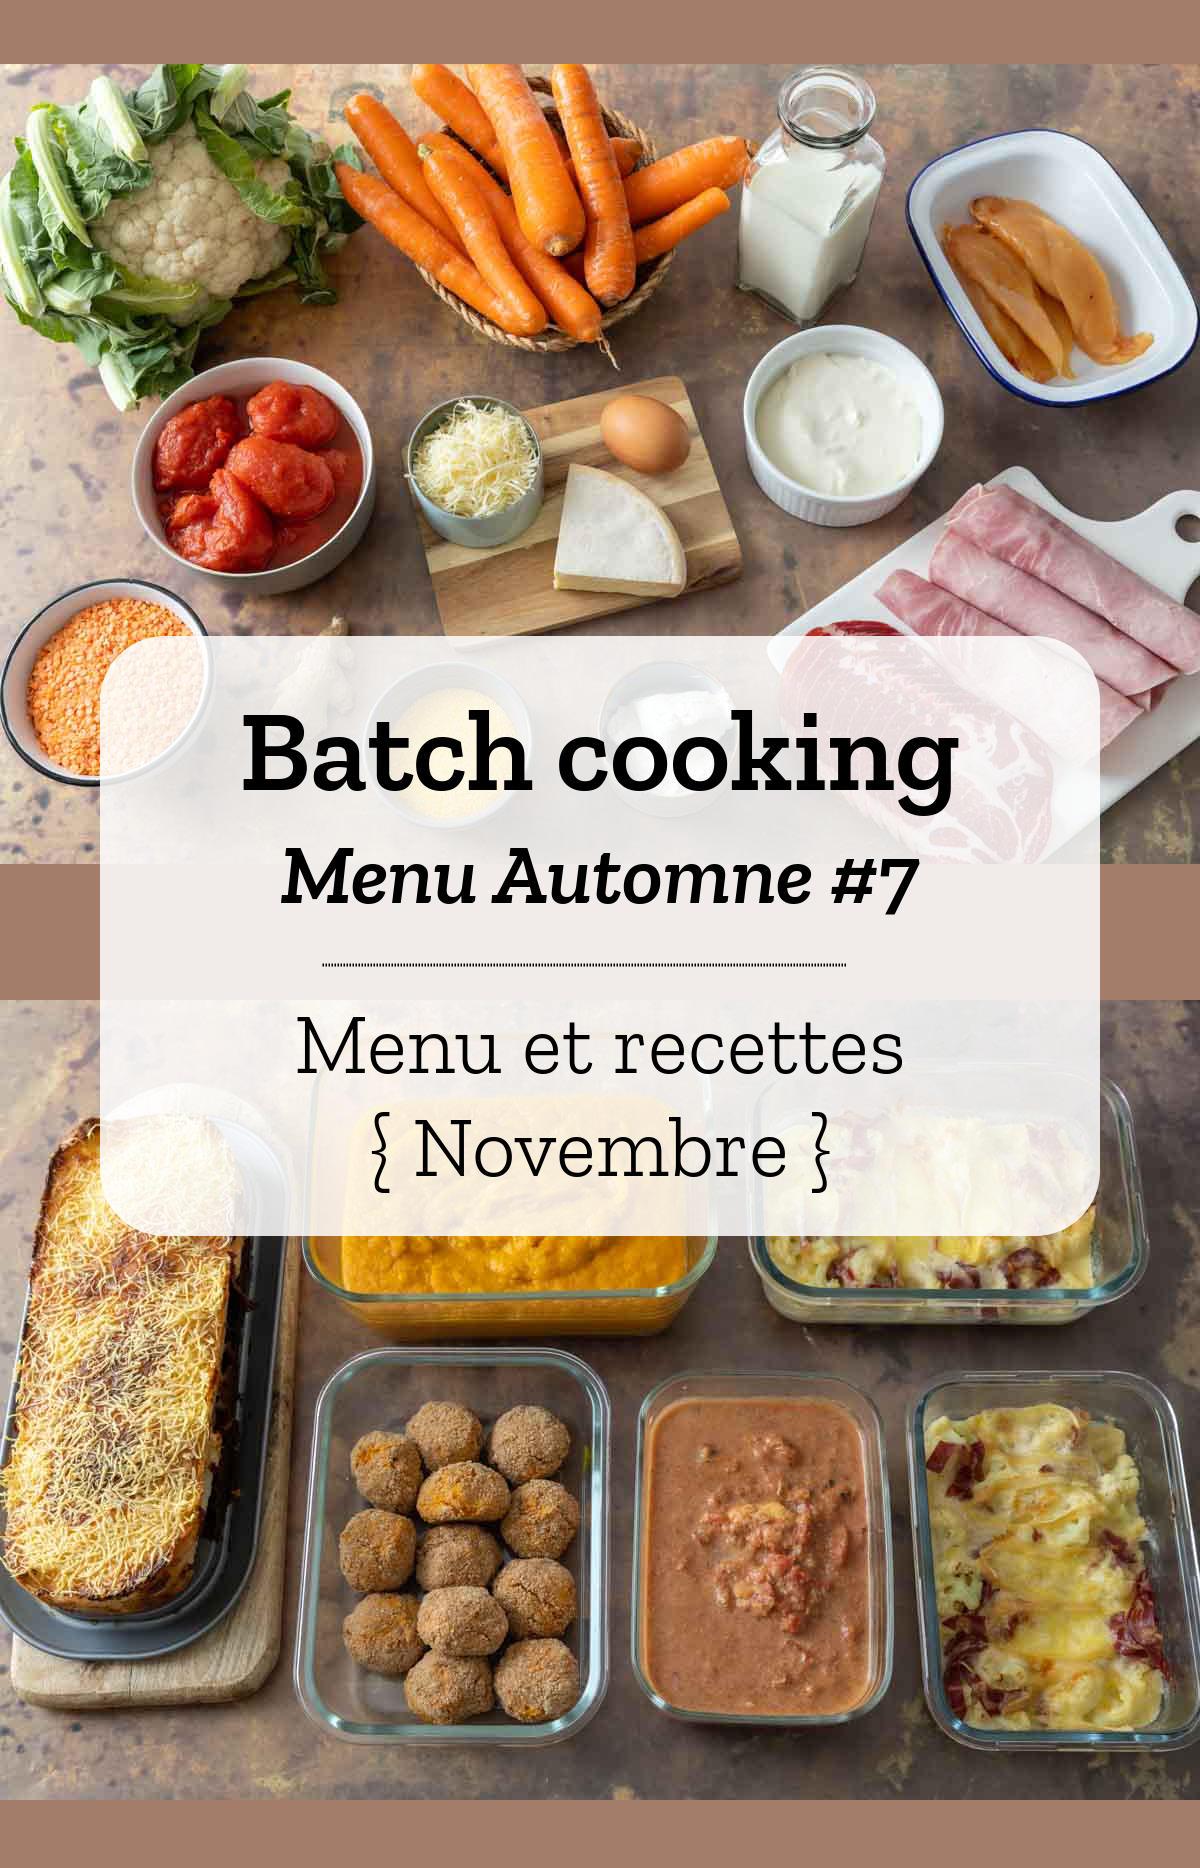 Batch cooking Automne #7 – Mois de Novembre – Semaine 45